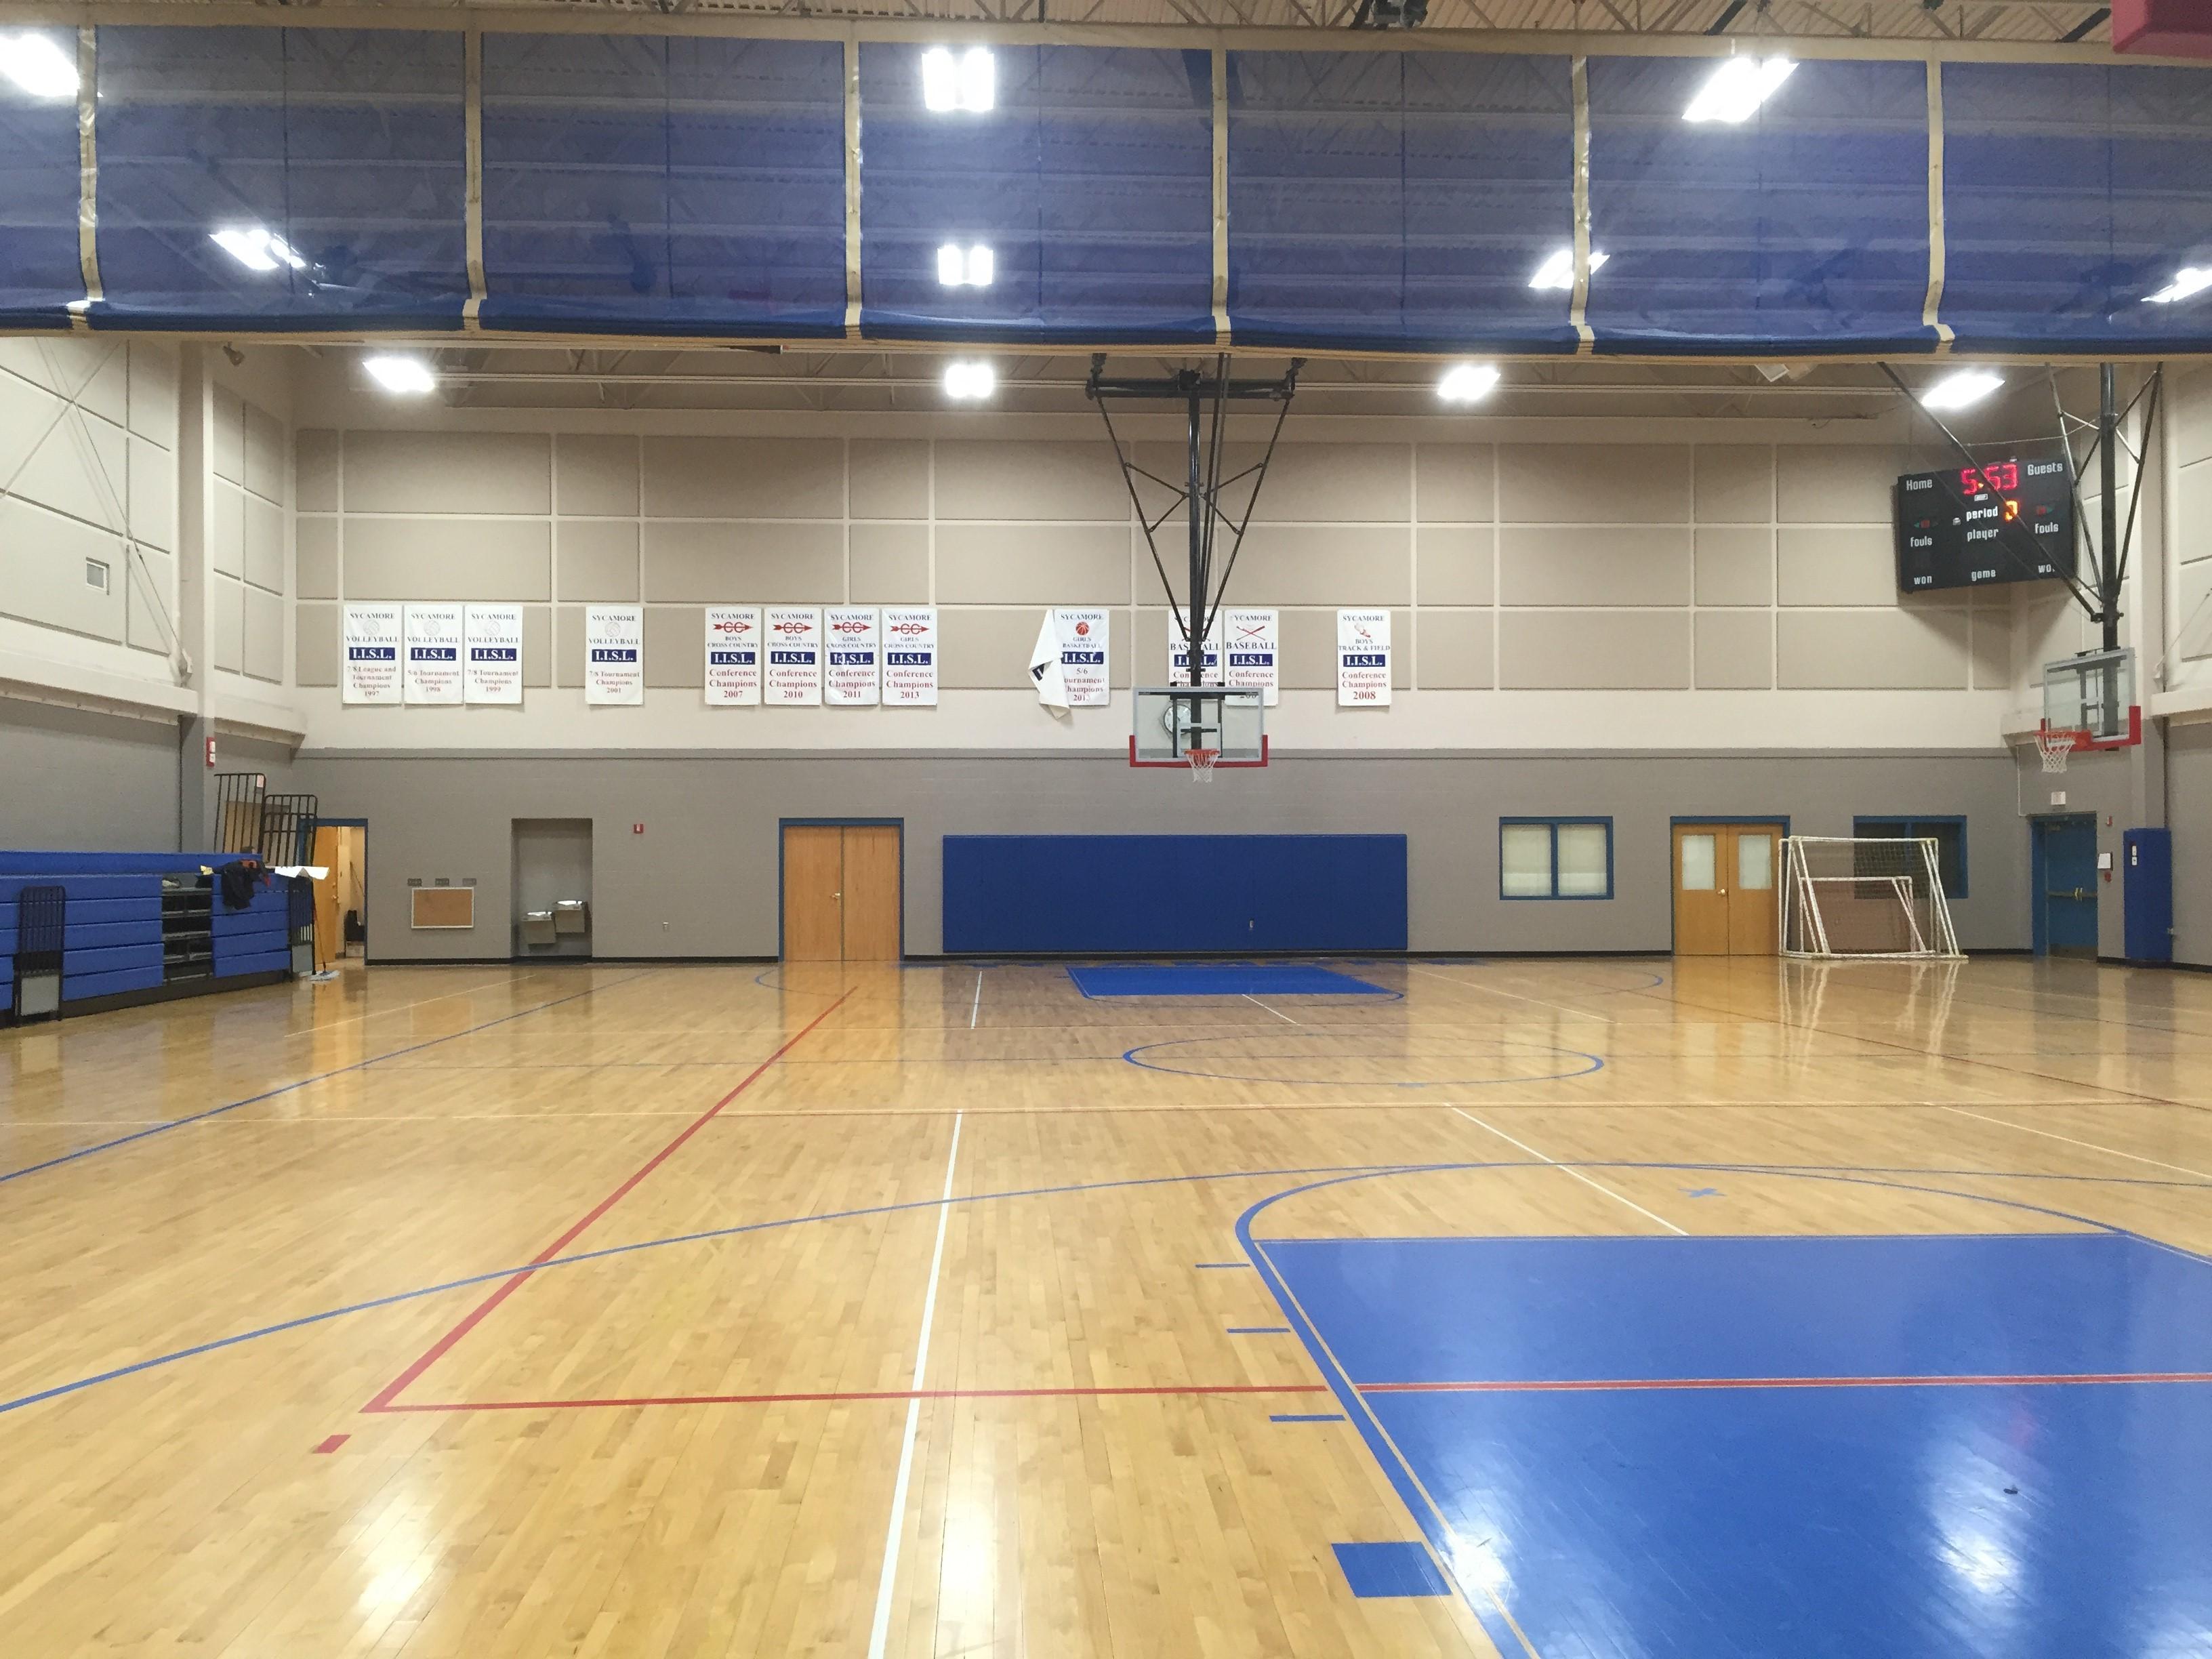 Sycamore Schools Gymnasium, Indianapolis, IN